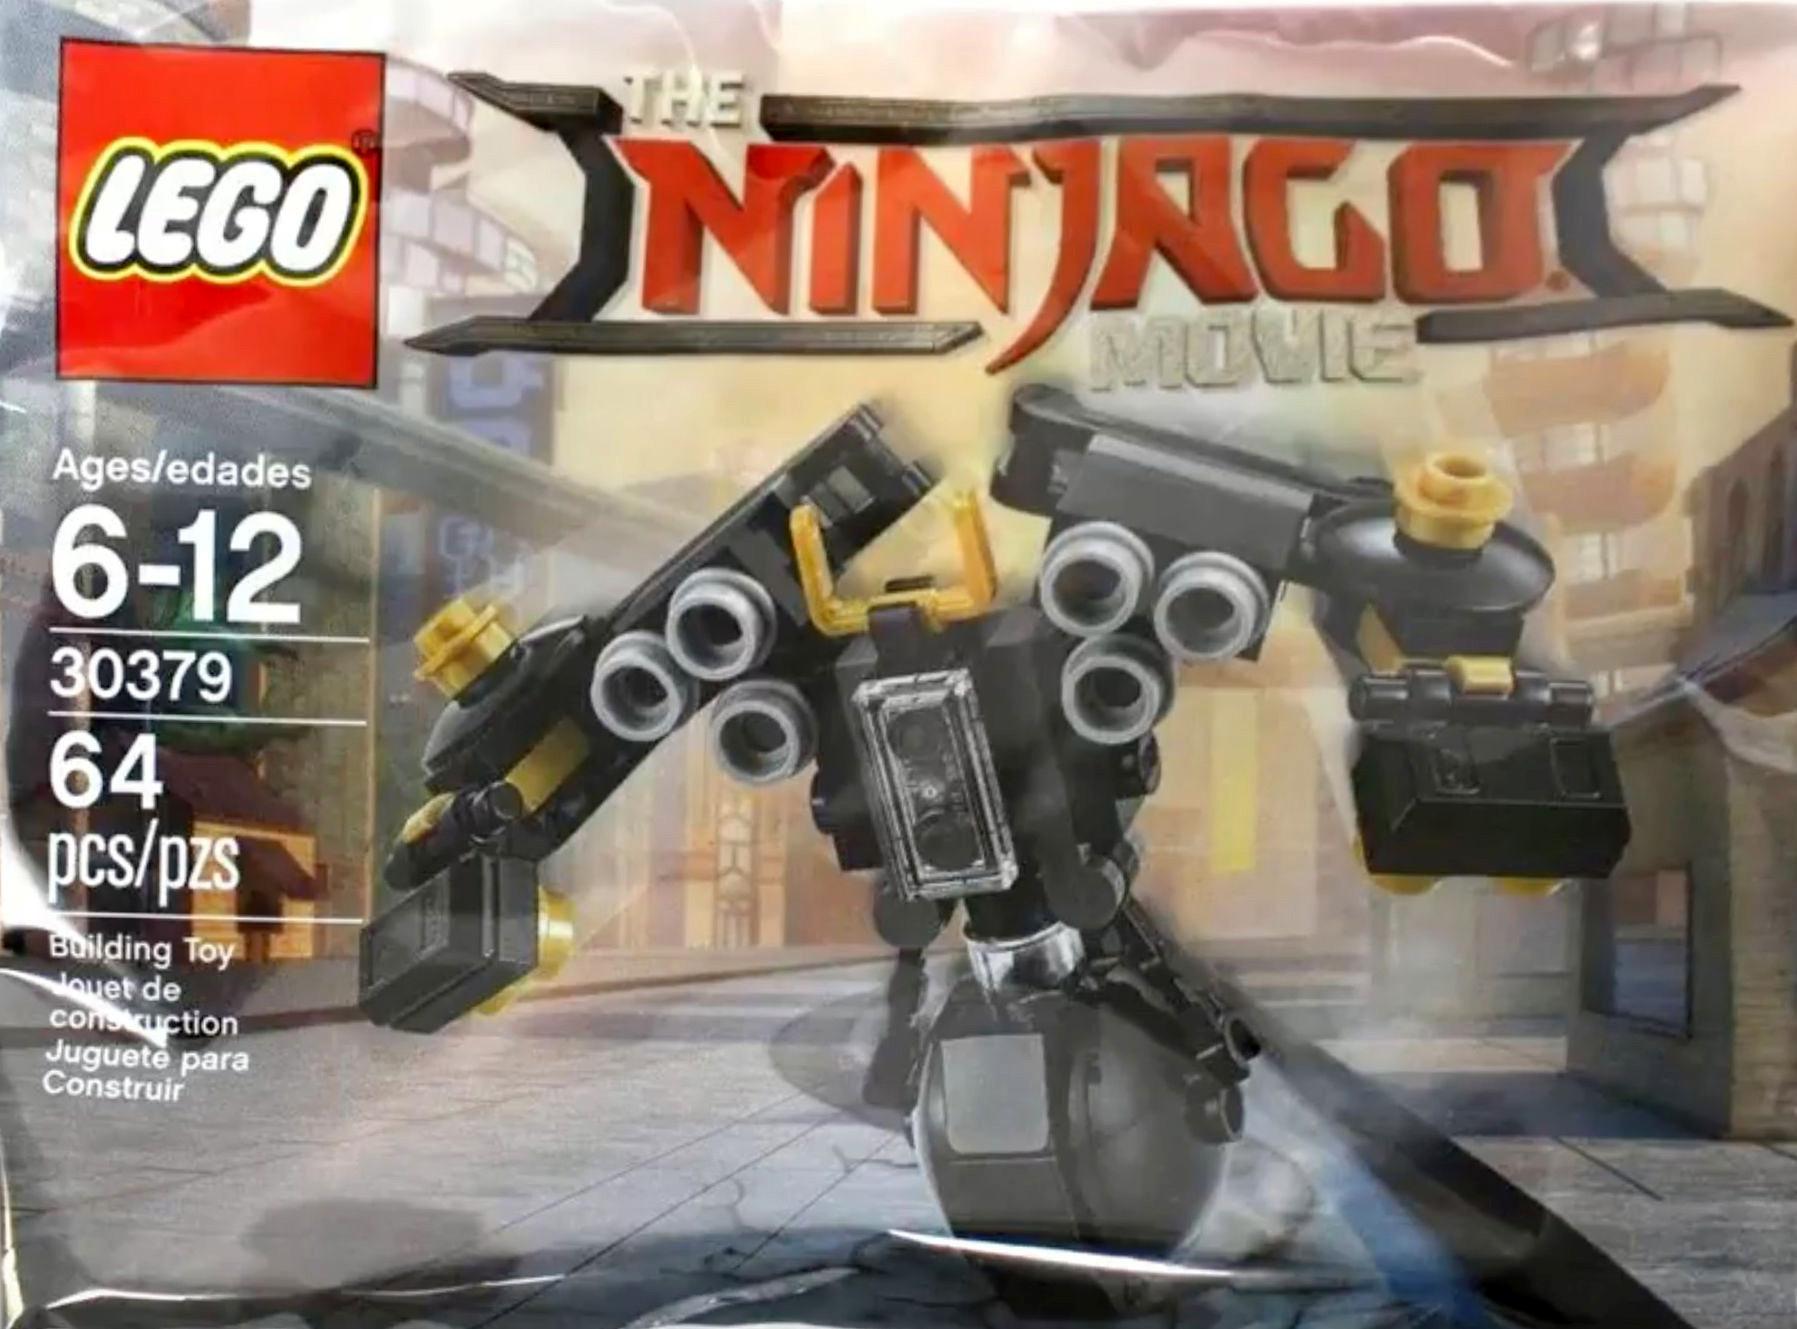 The Lego Ninjago Movie Brickset Lego Set Guide And Database